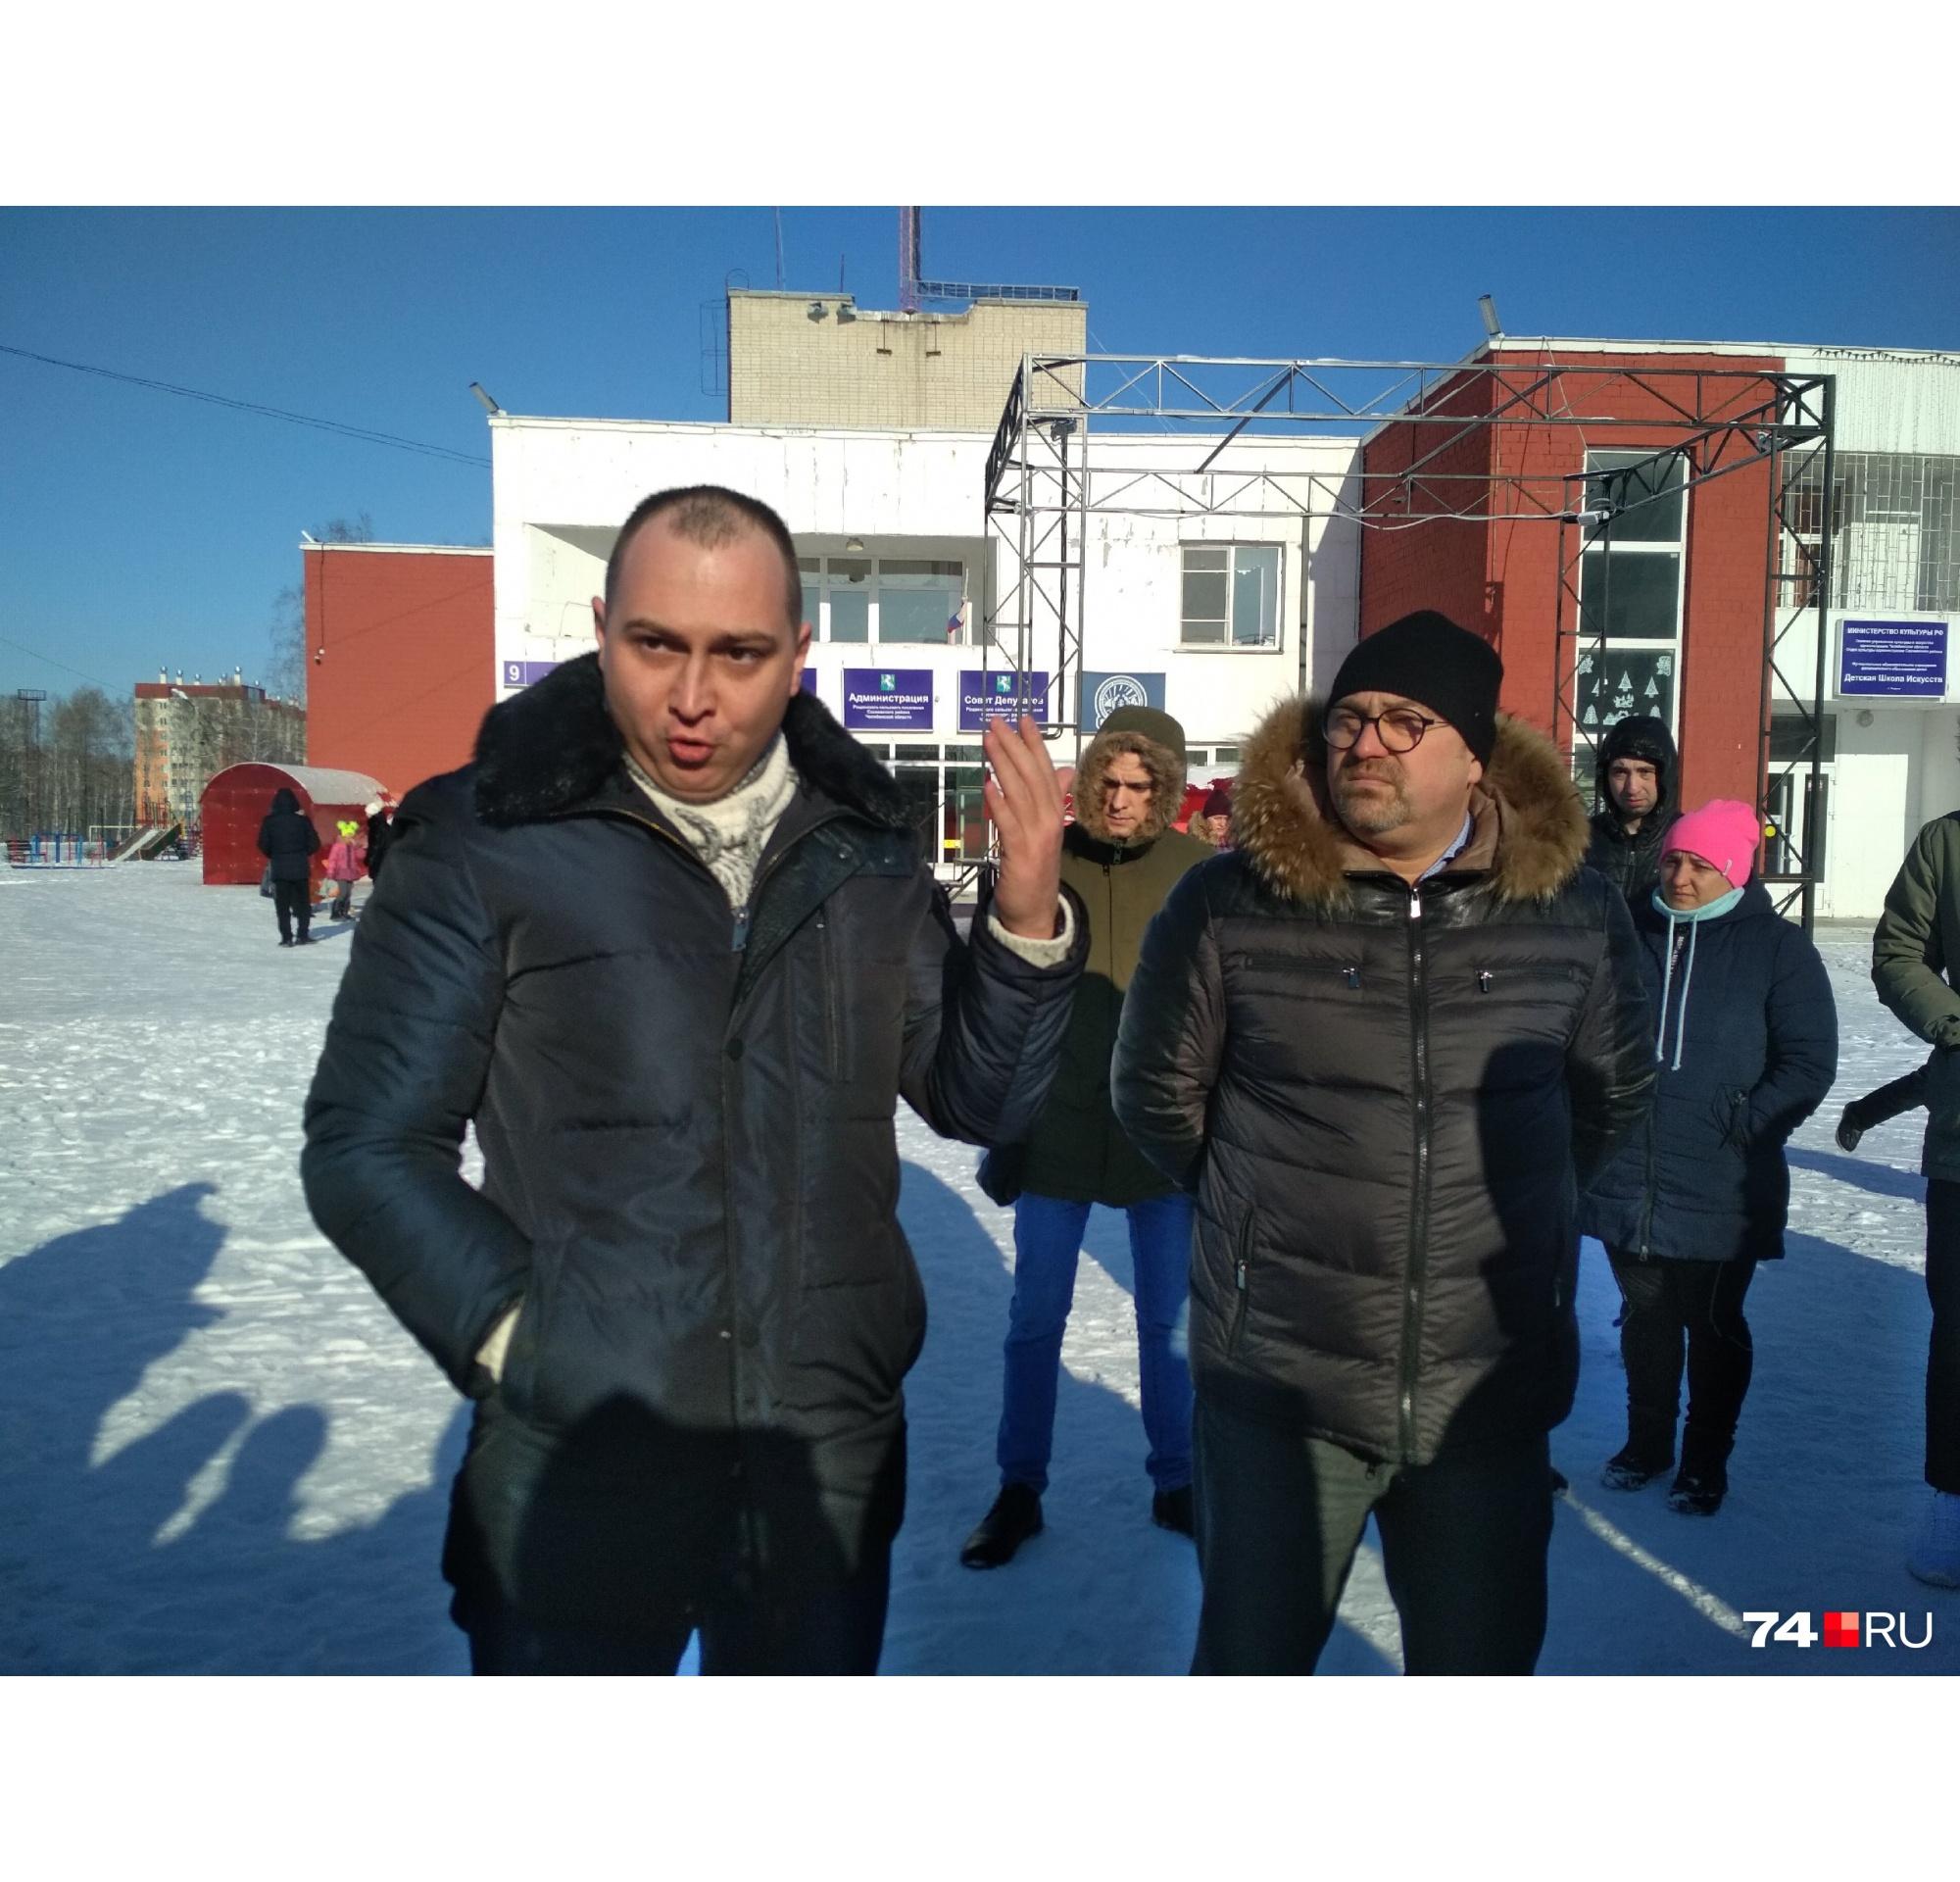 Антон Громыко (на фото слева) уже охрип от споров